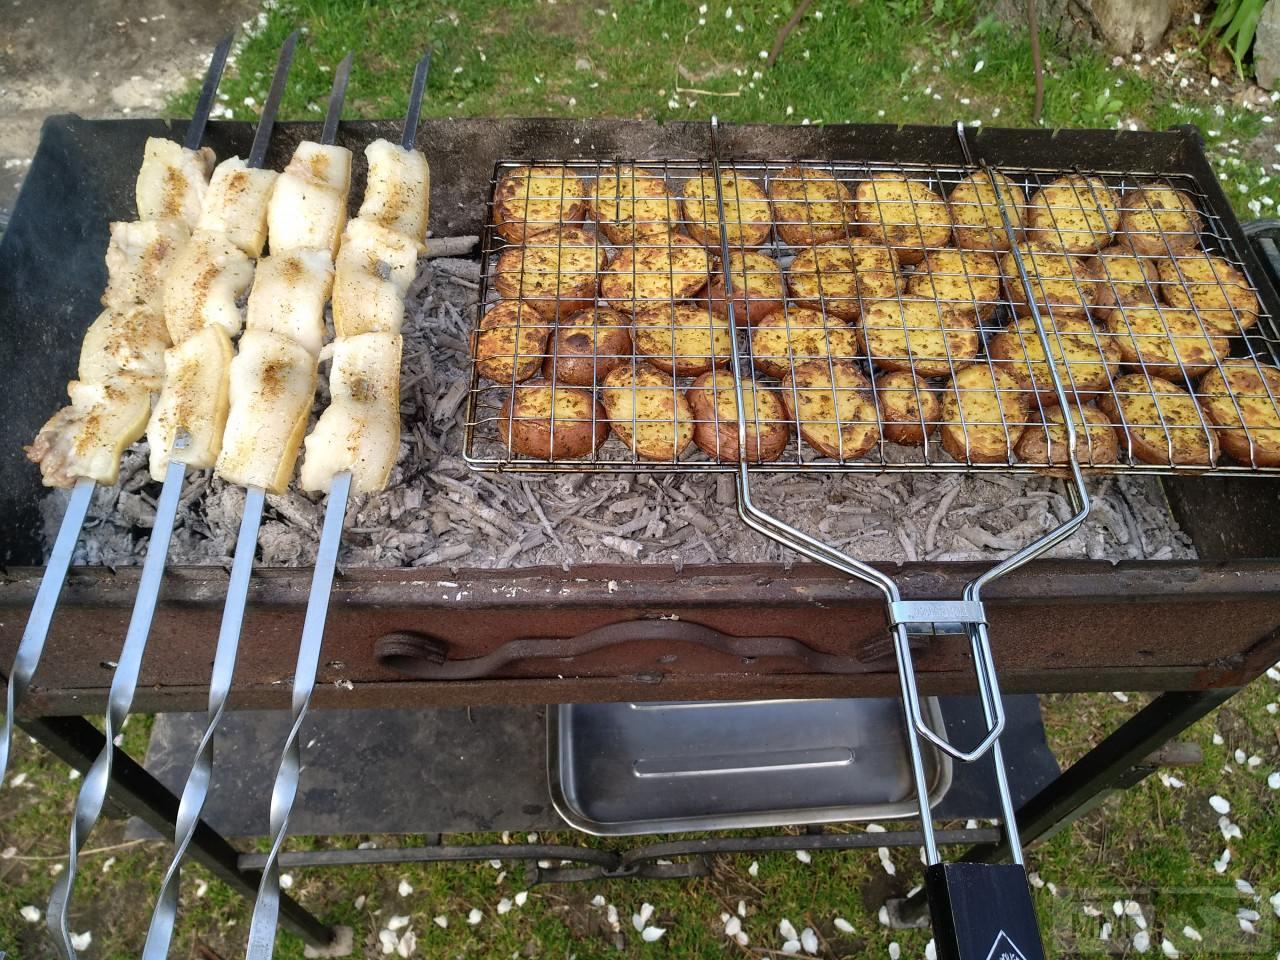 101272 - Закуски на огне (мангал, барбекю и т.д.) и кулинария вообще. Советы и рецепты.